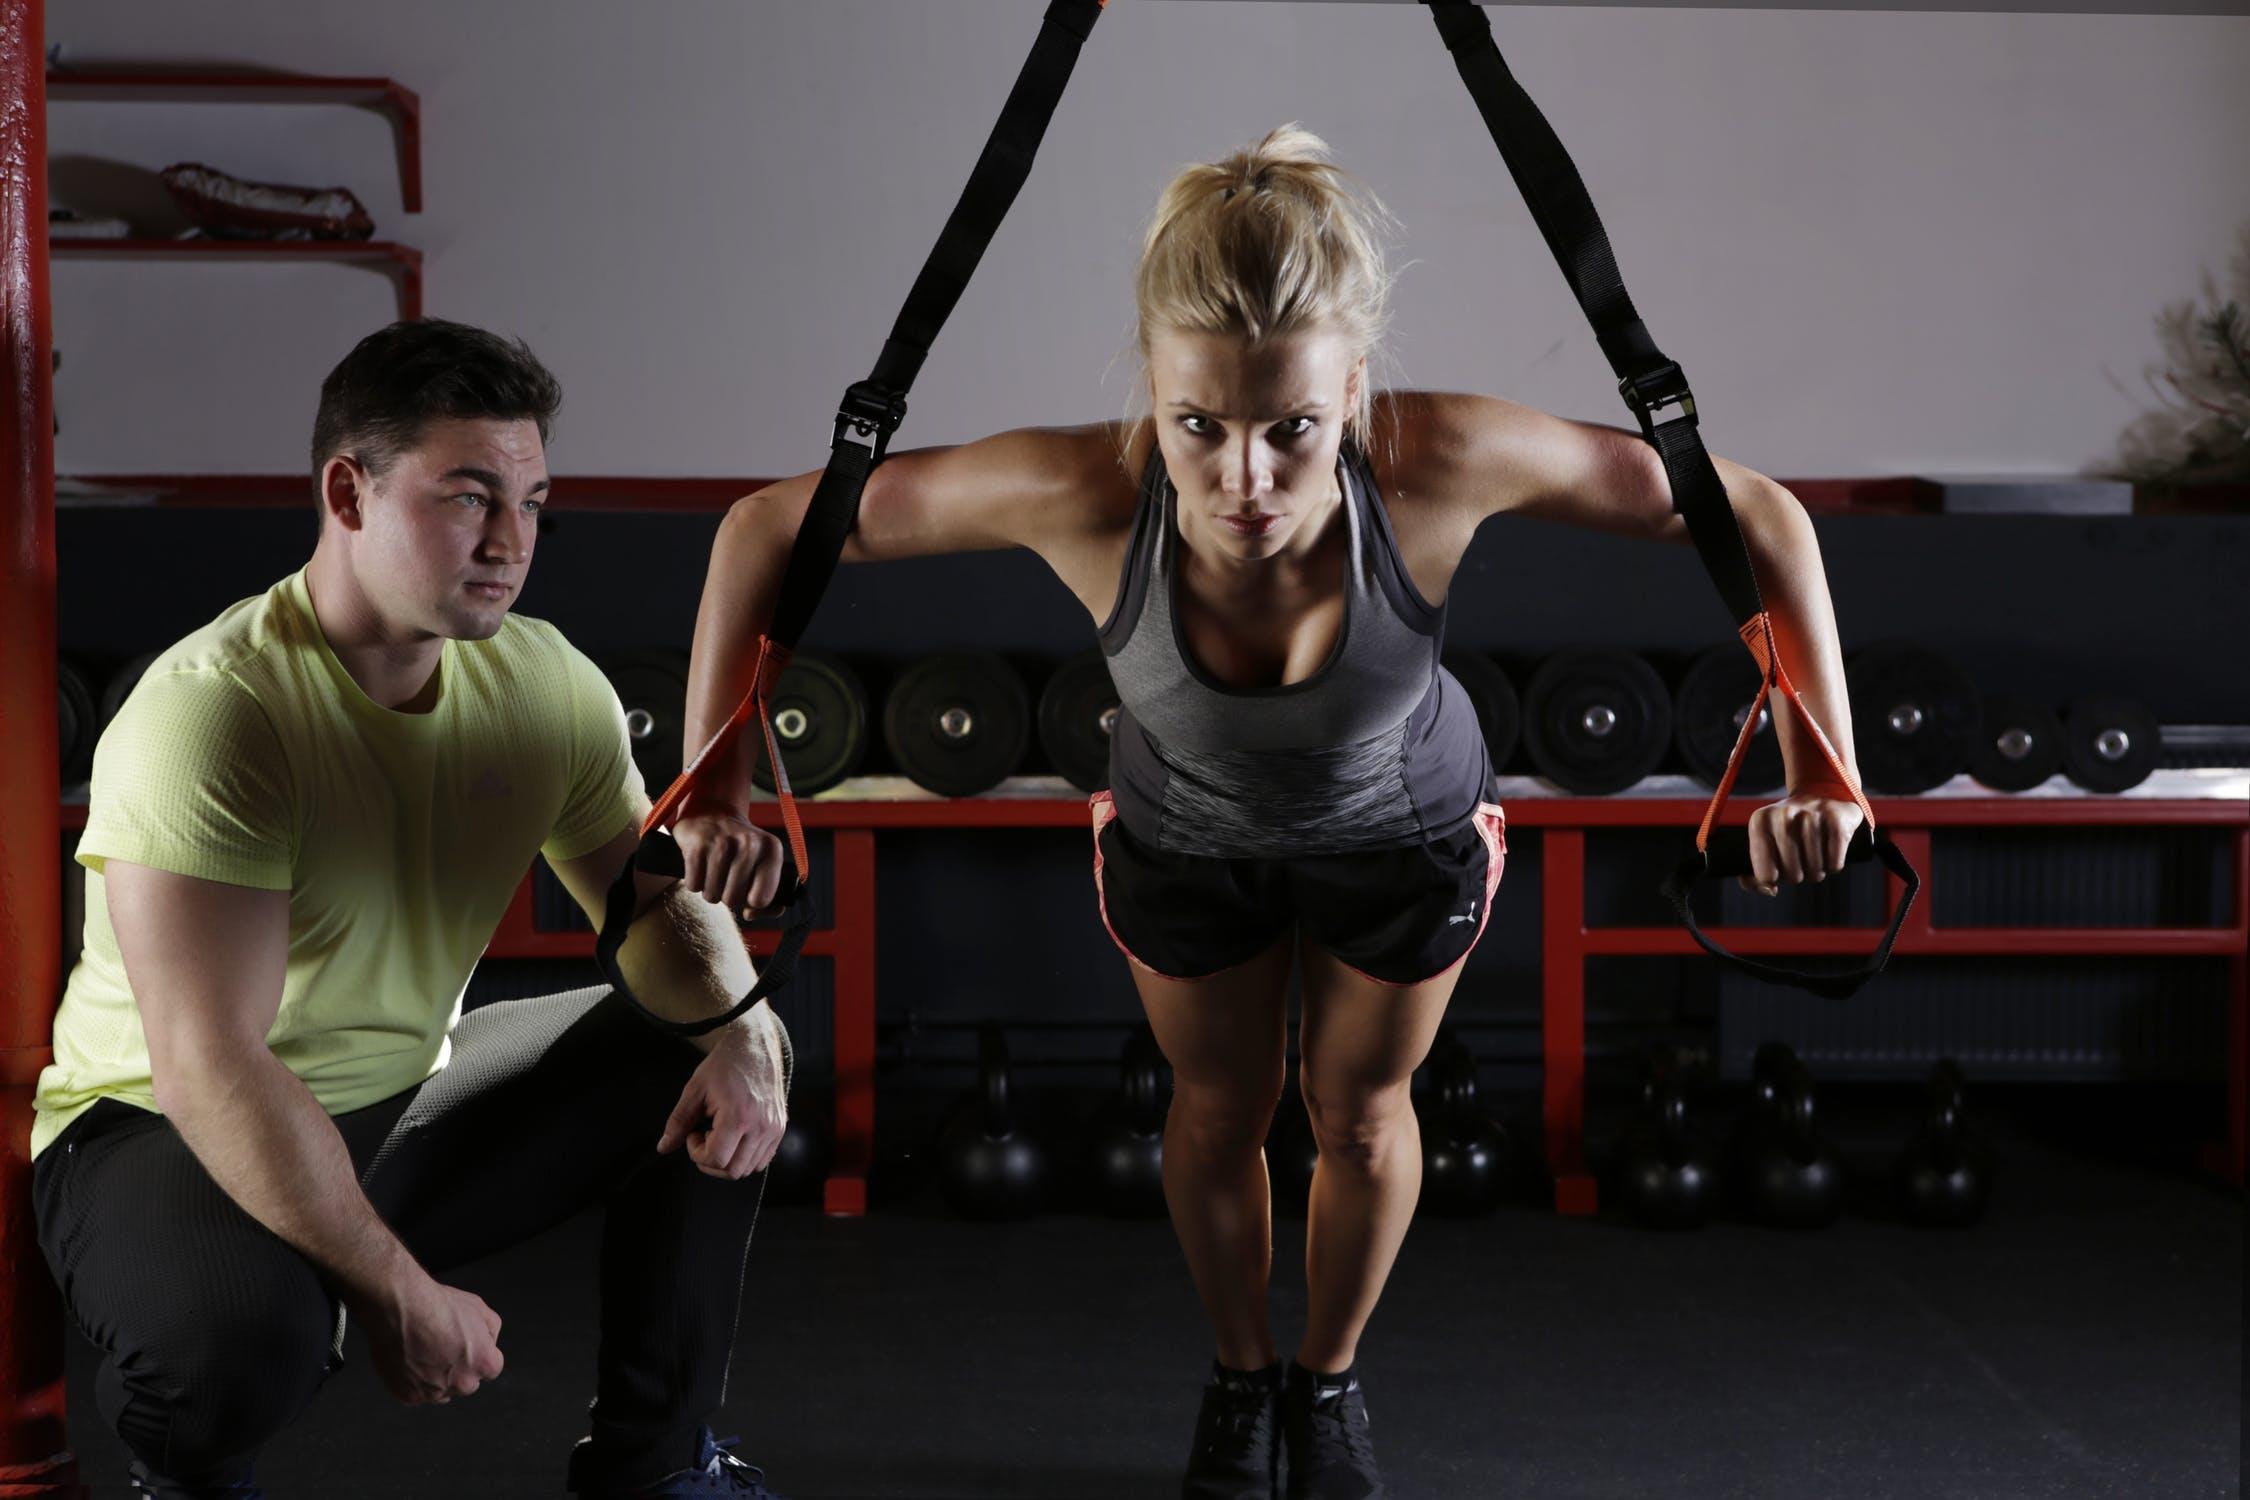 Eine Frau im Fitnessstudio mit einem Personal Trainer an einem TRX Band